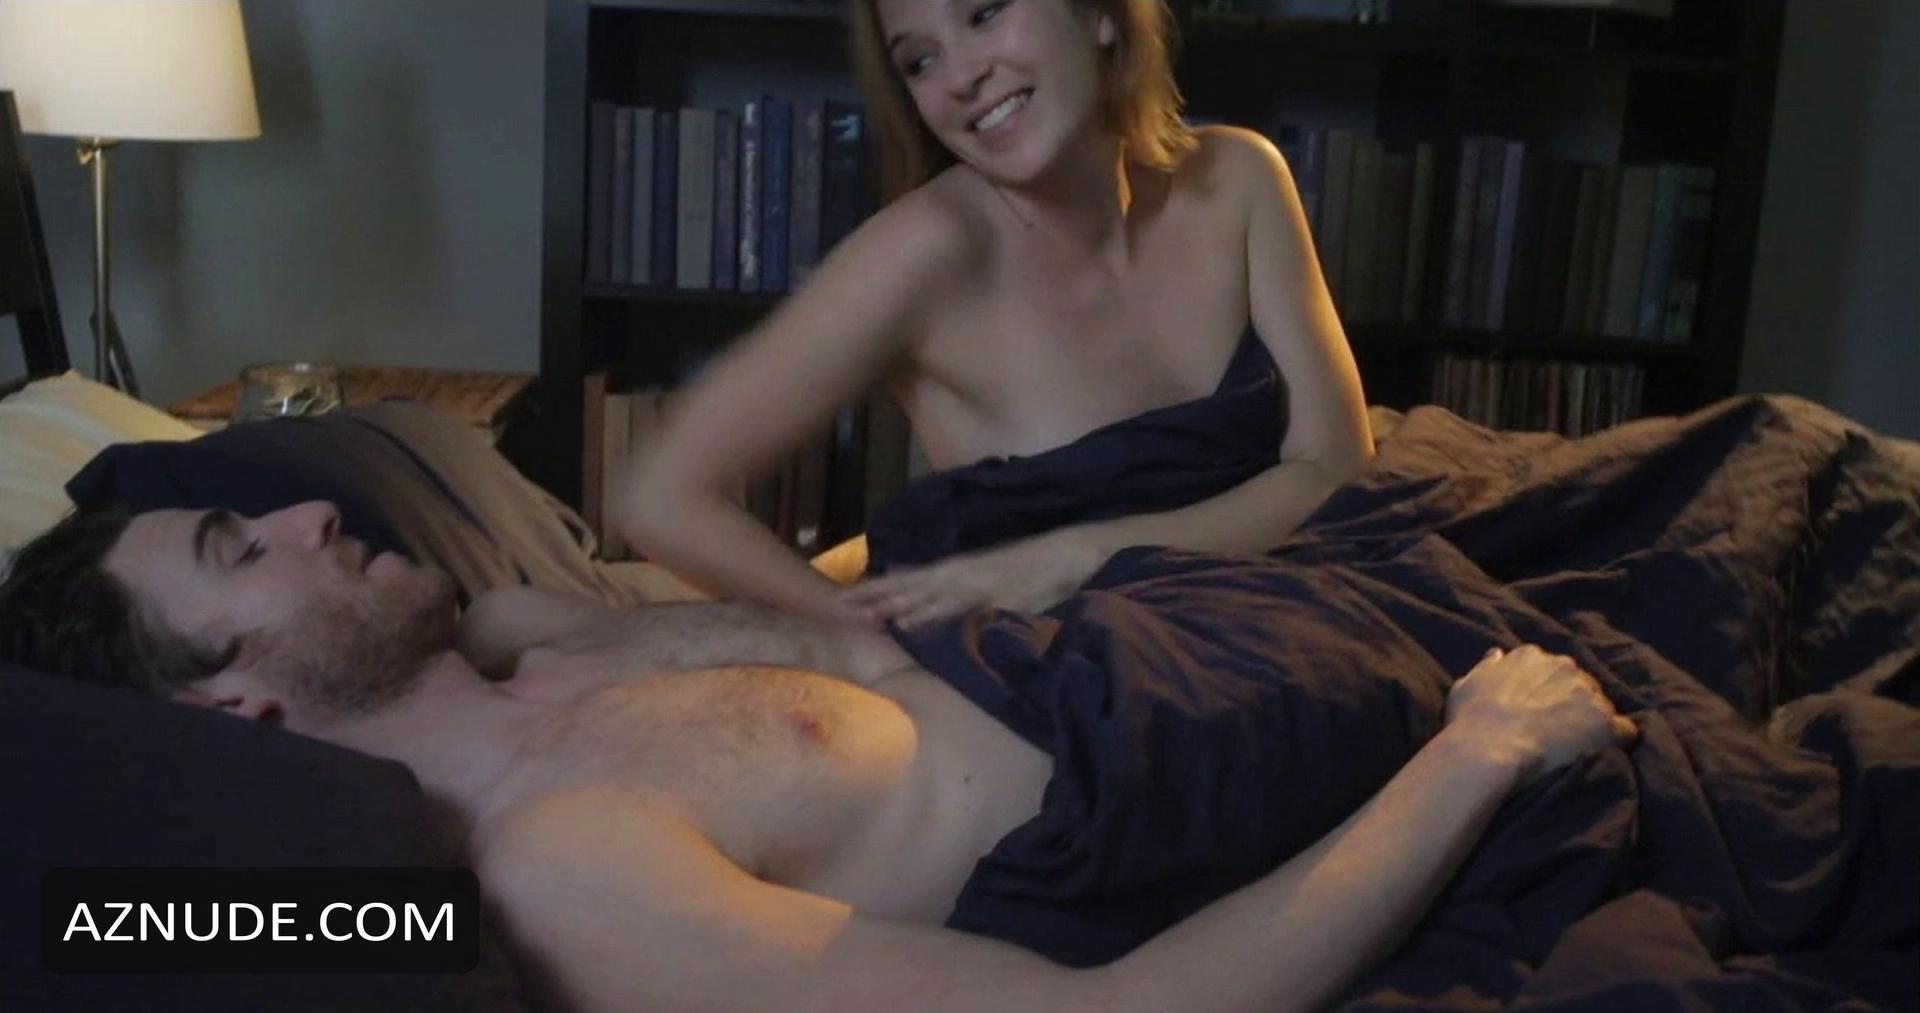 claire van der boom nude